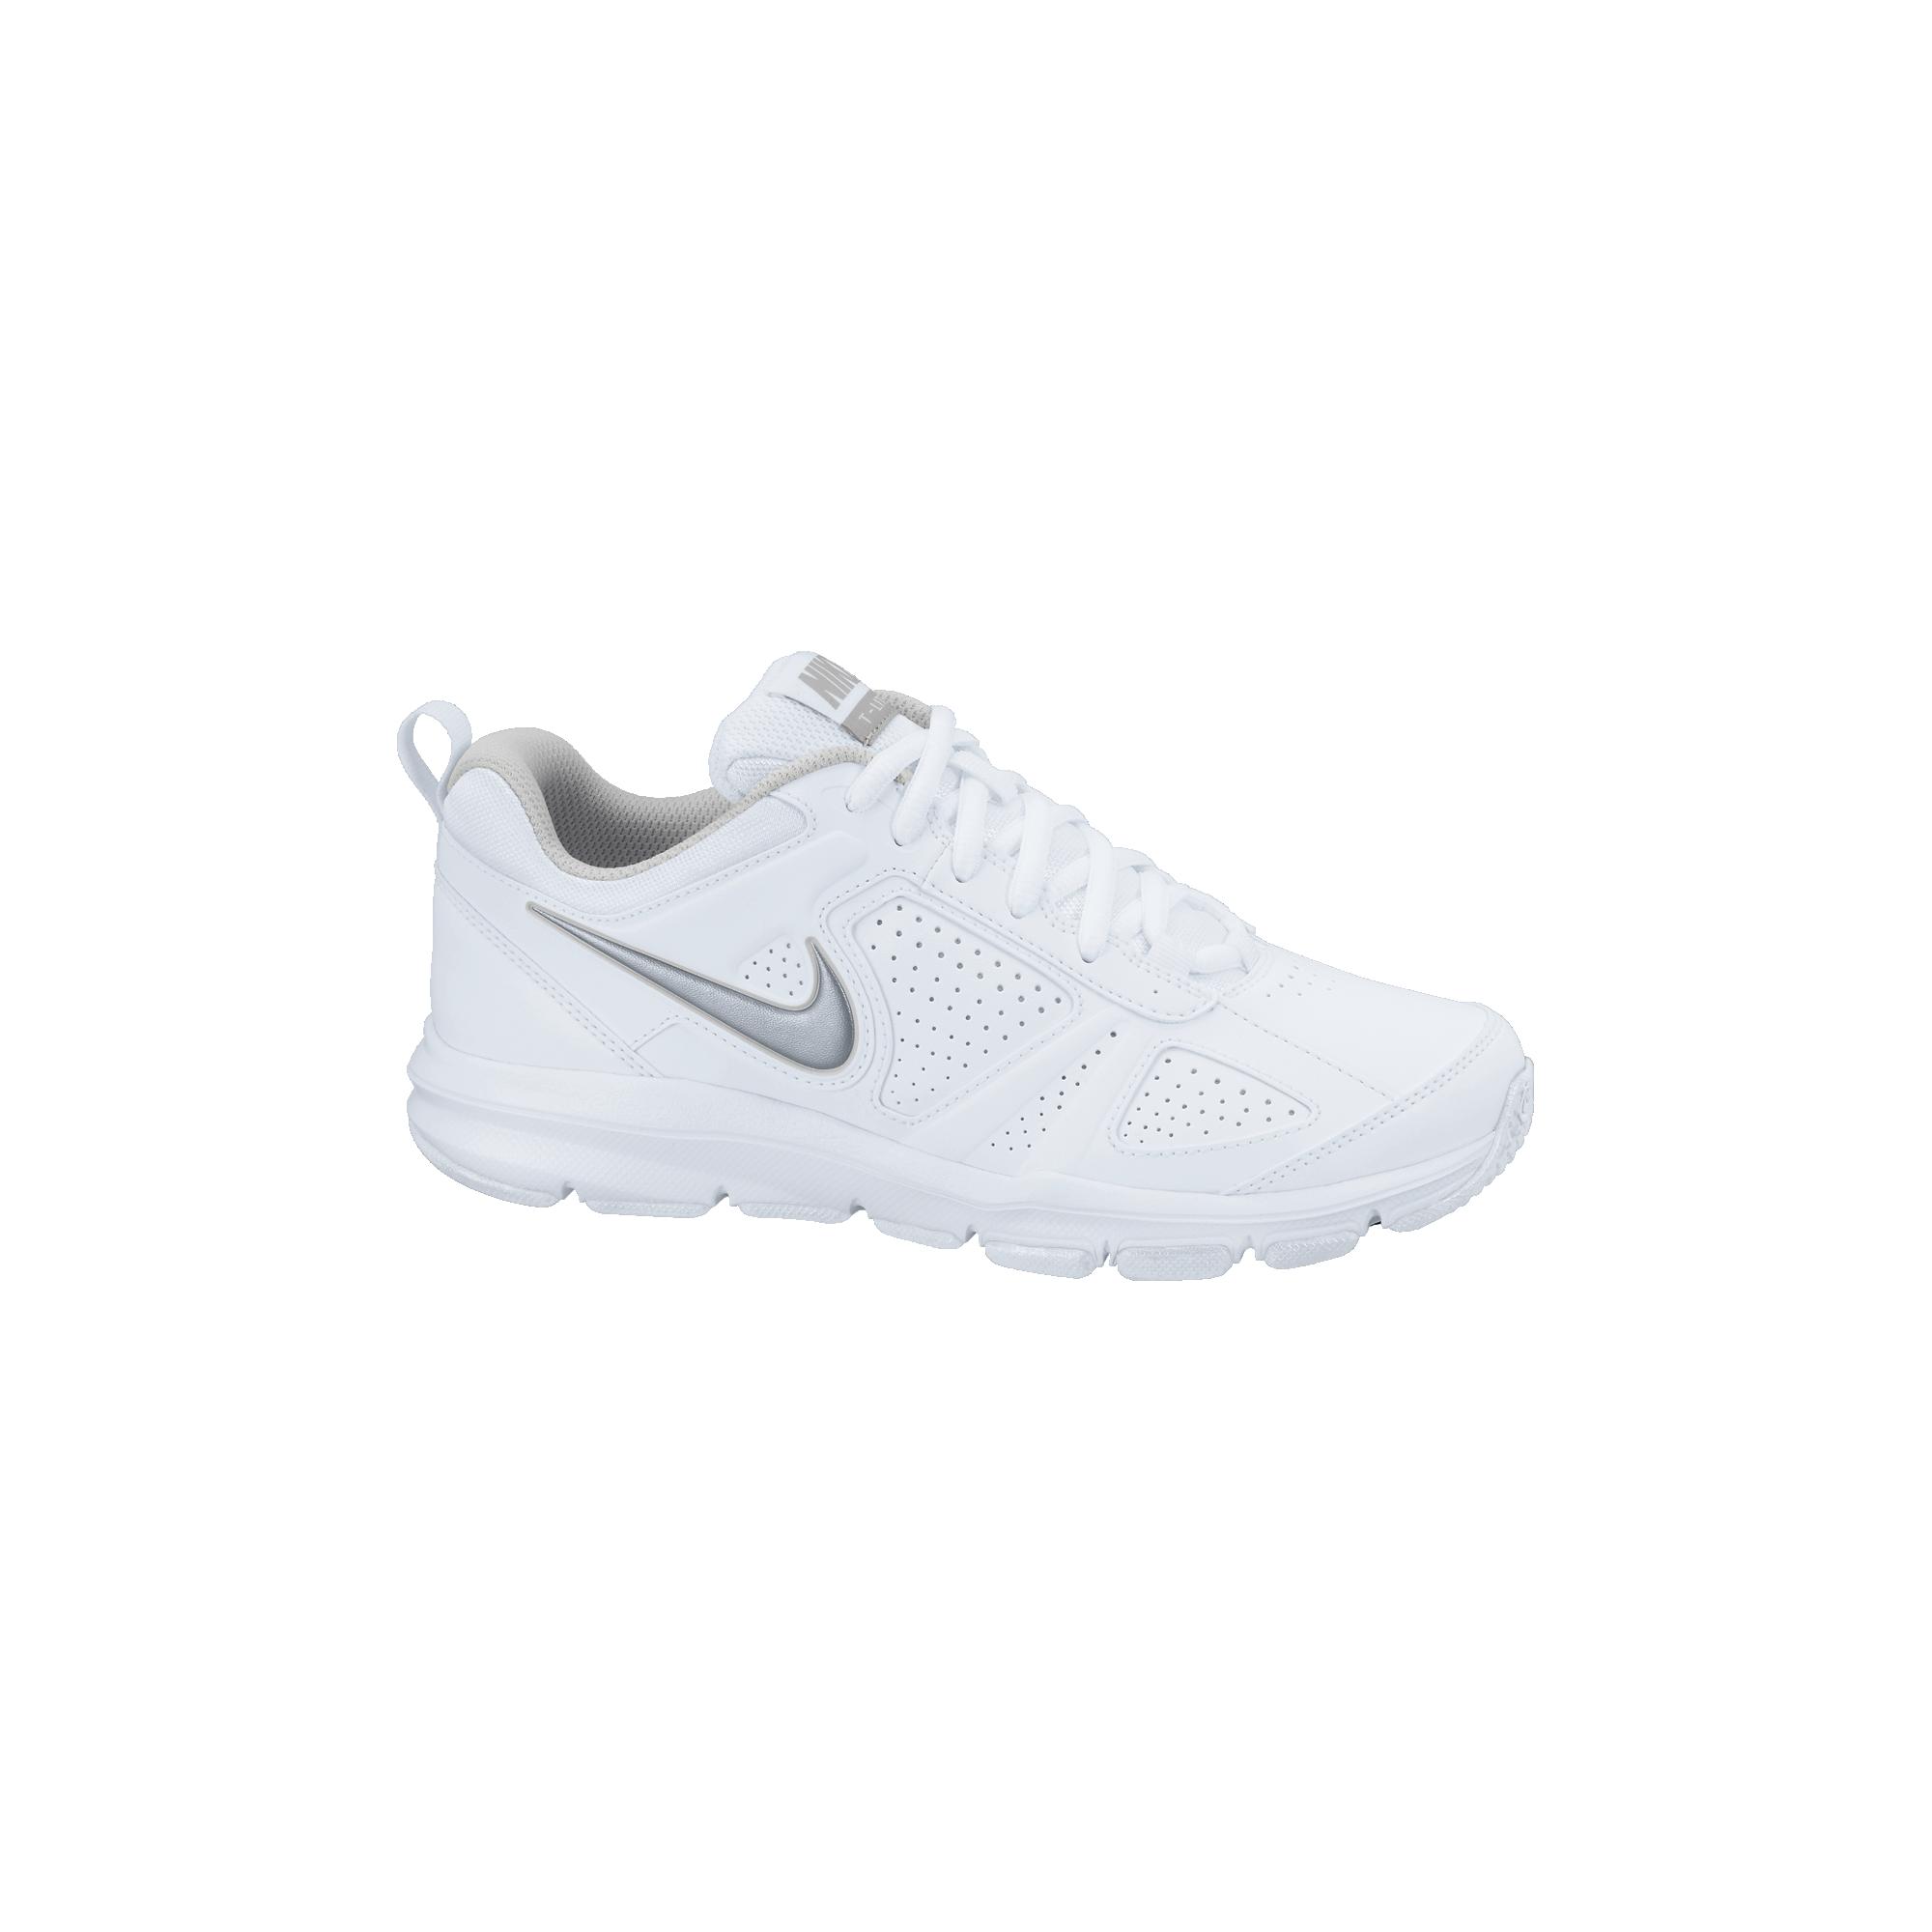 Nike Wmns T-lite XI NŐi Training CipŐ 616696-101 Női Cipo trainning ... 6178ccc5b6